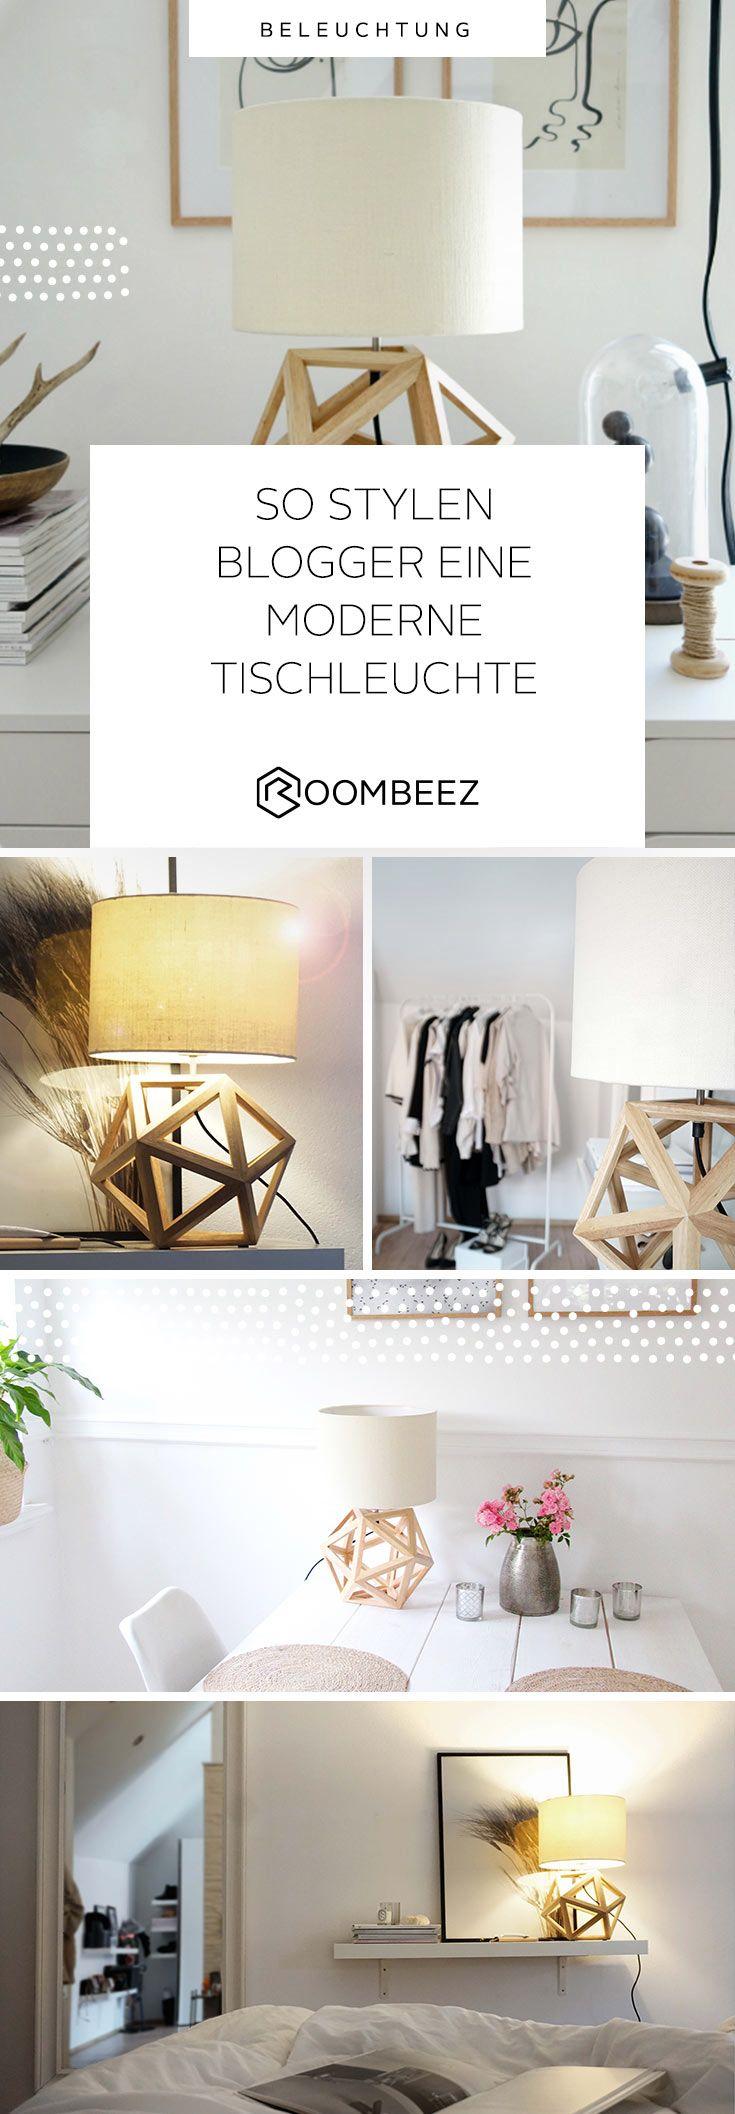 Esszimmer ideen mit grauen wänden deko  so stylen blogger eine moderne tischleuchte  pinterest